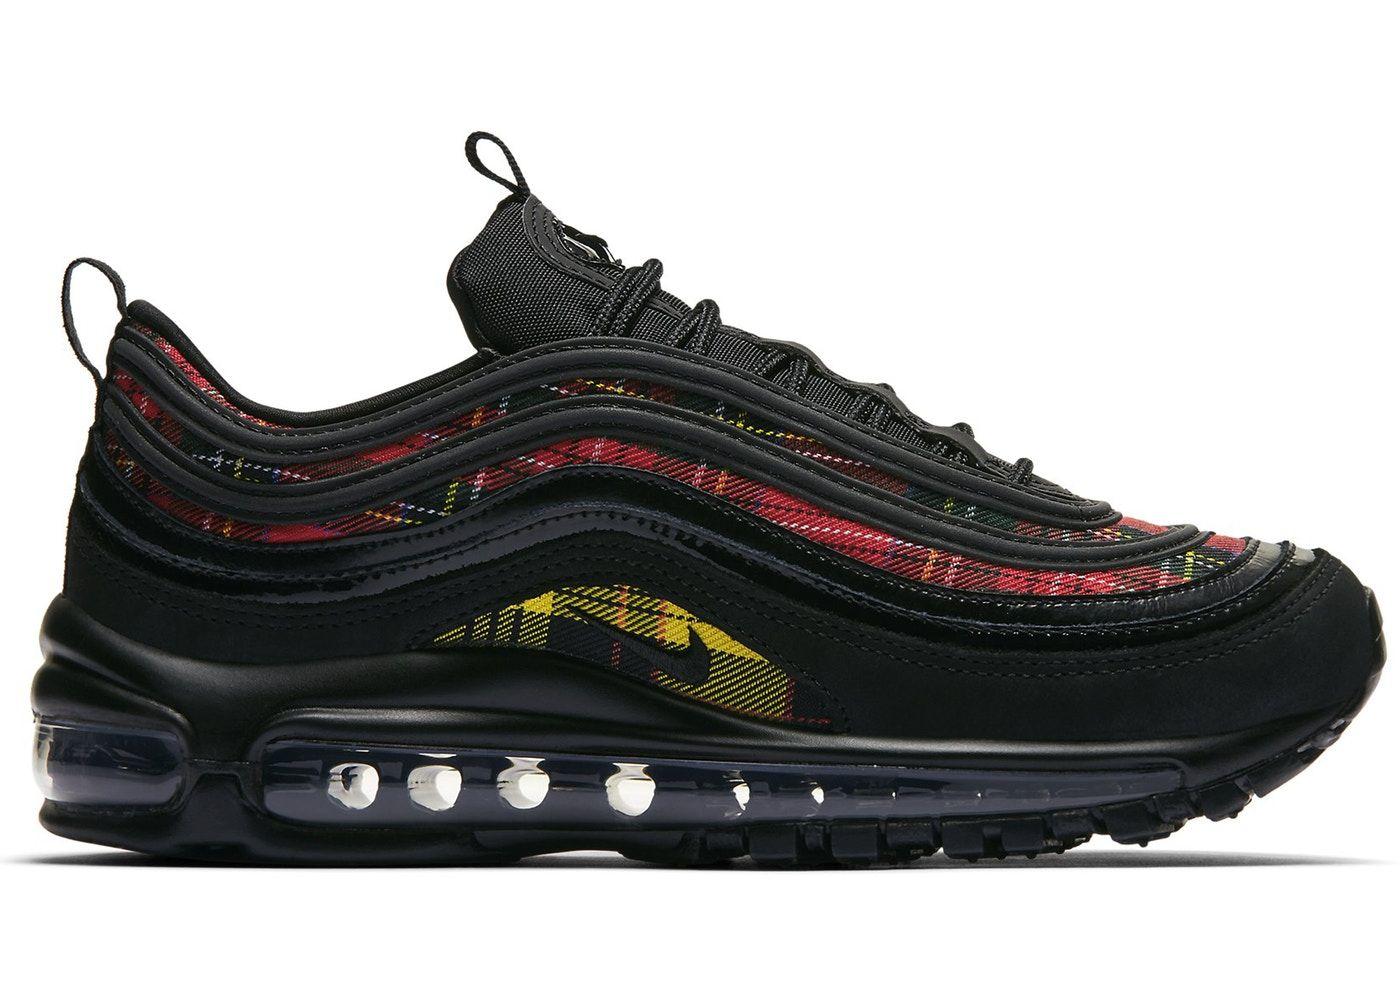 Nike Air Max 97 Tartan Black W Sneakers Men Fashion Nike Air Max 97 Sneakers Fashion